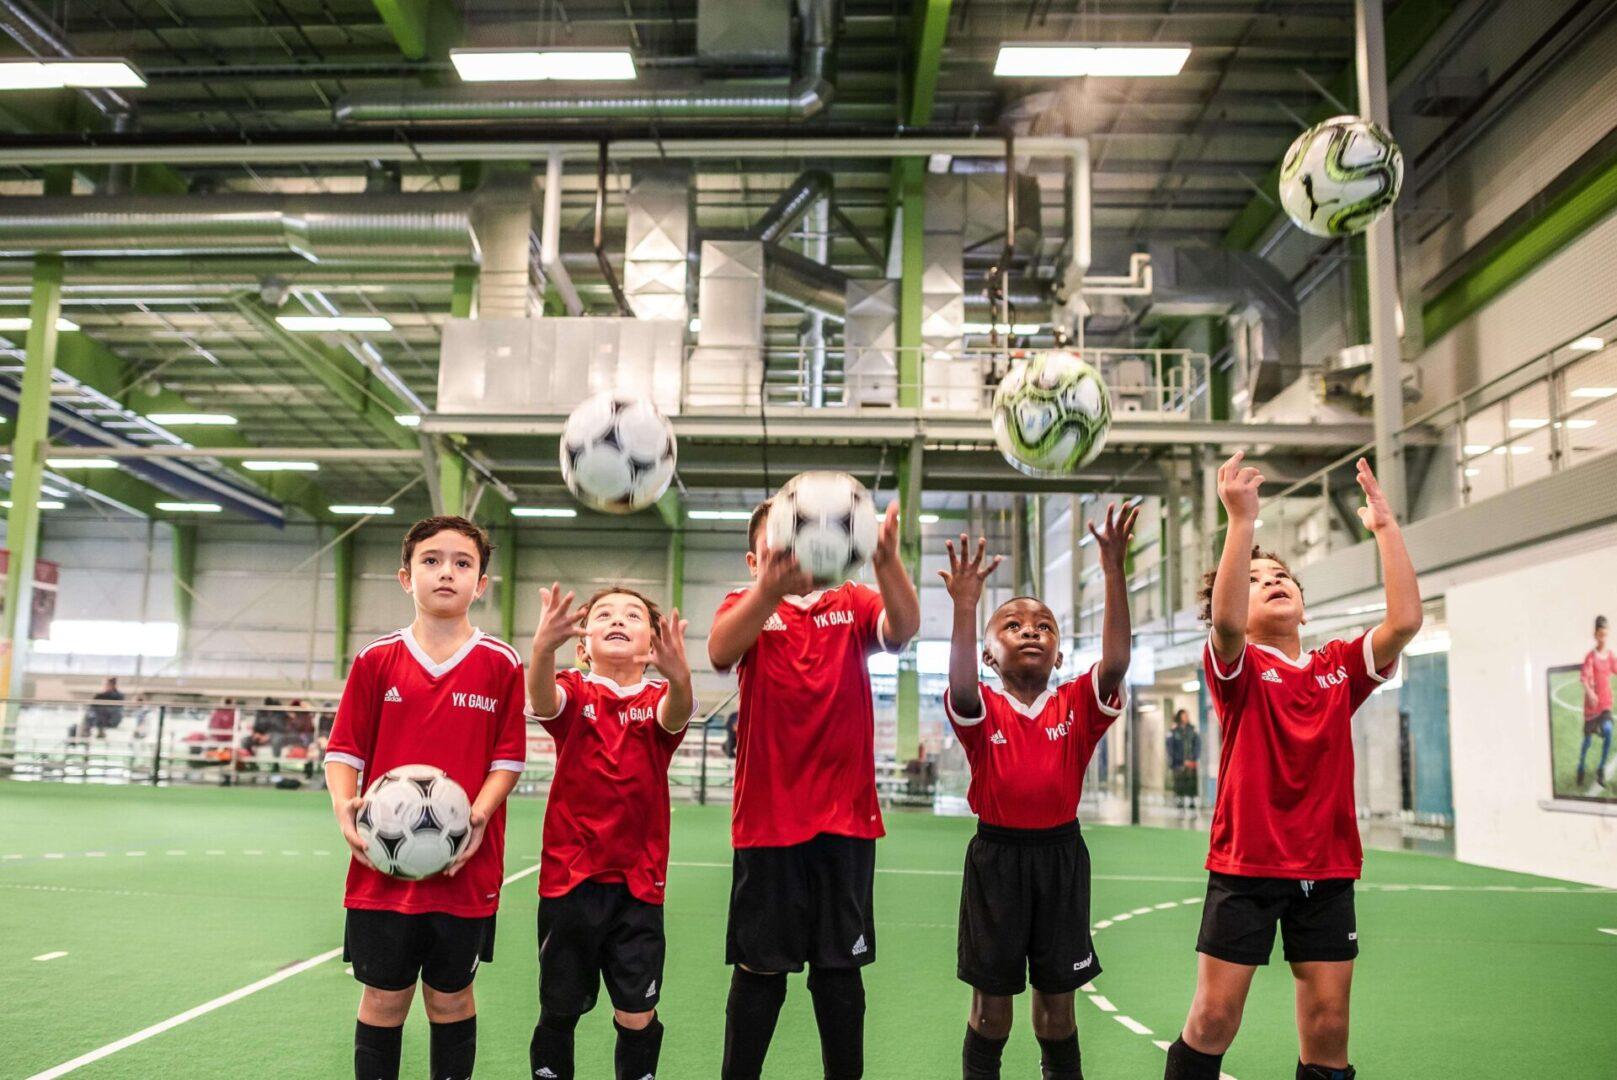 YK Galaxy Soccer Academy